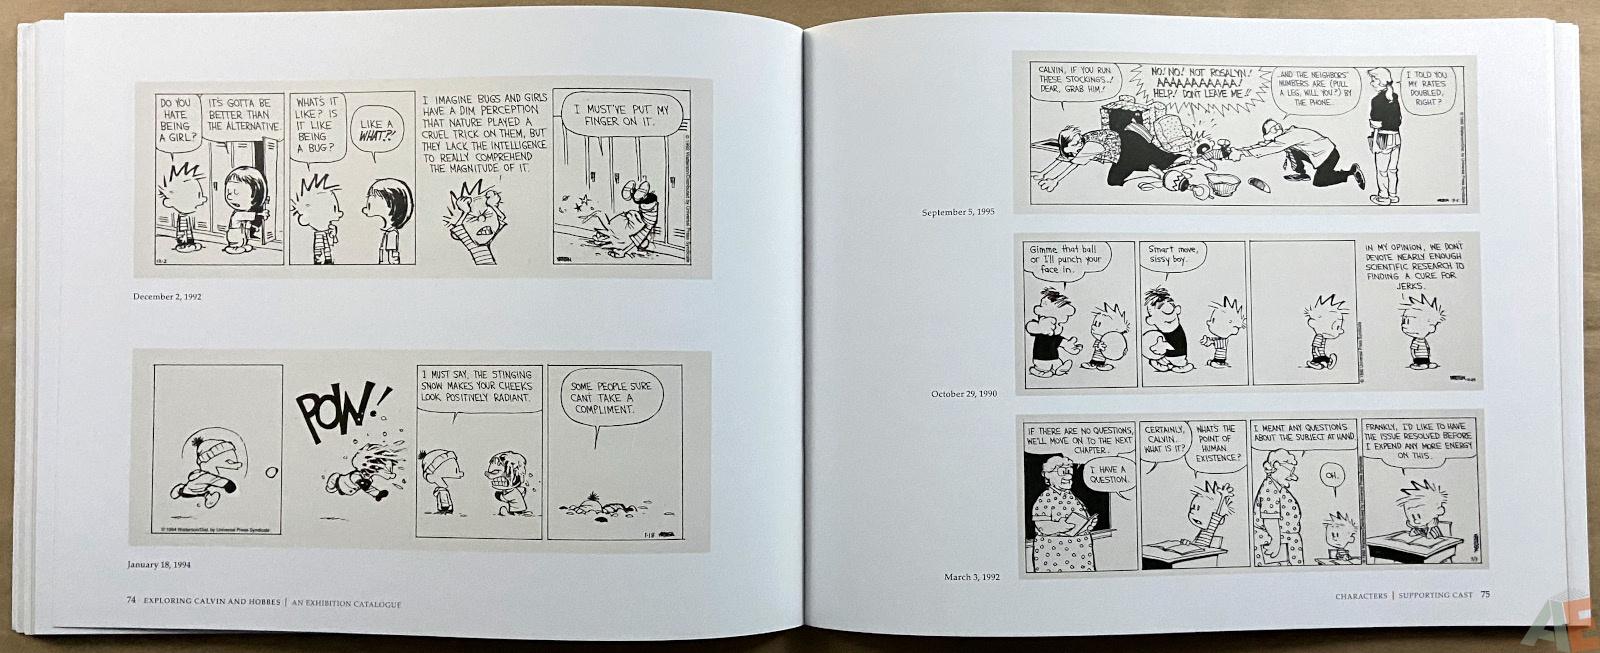 Exploring Calvin and Hobbes An Exhibition Catalogue interior 4